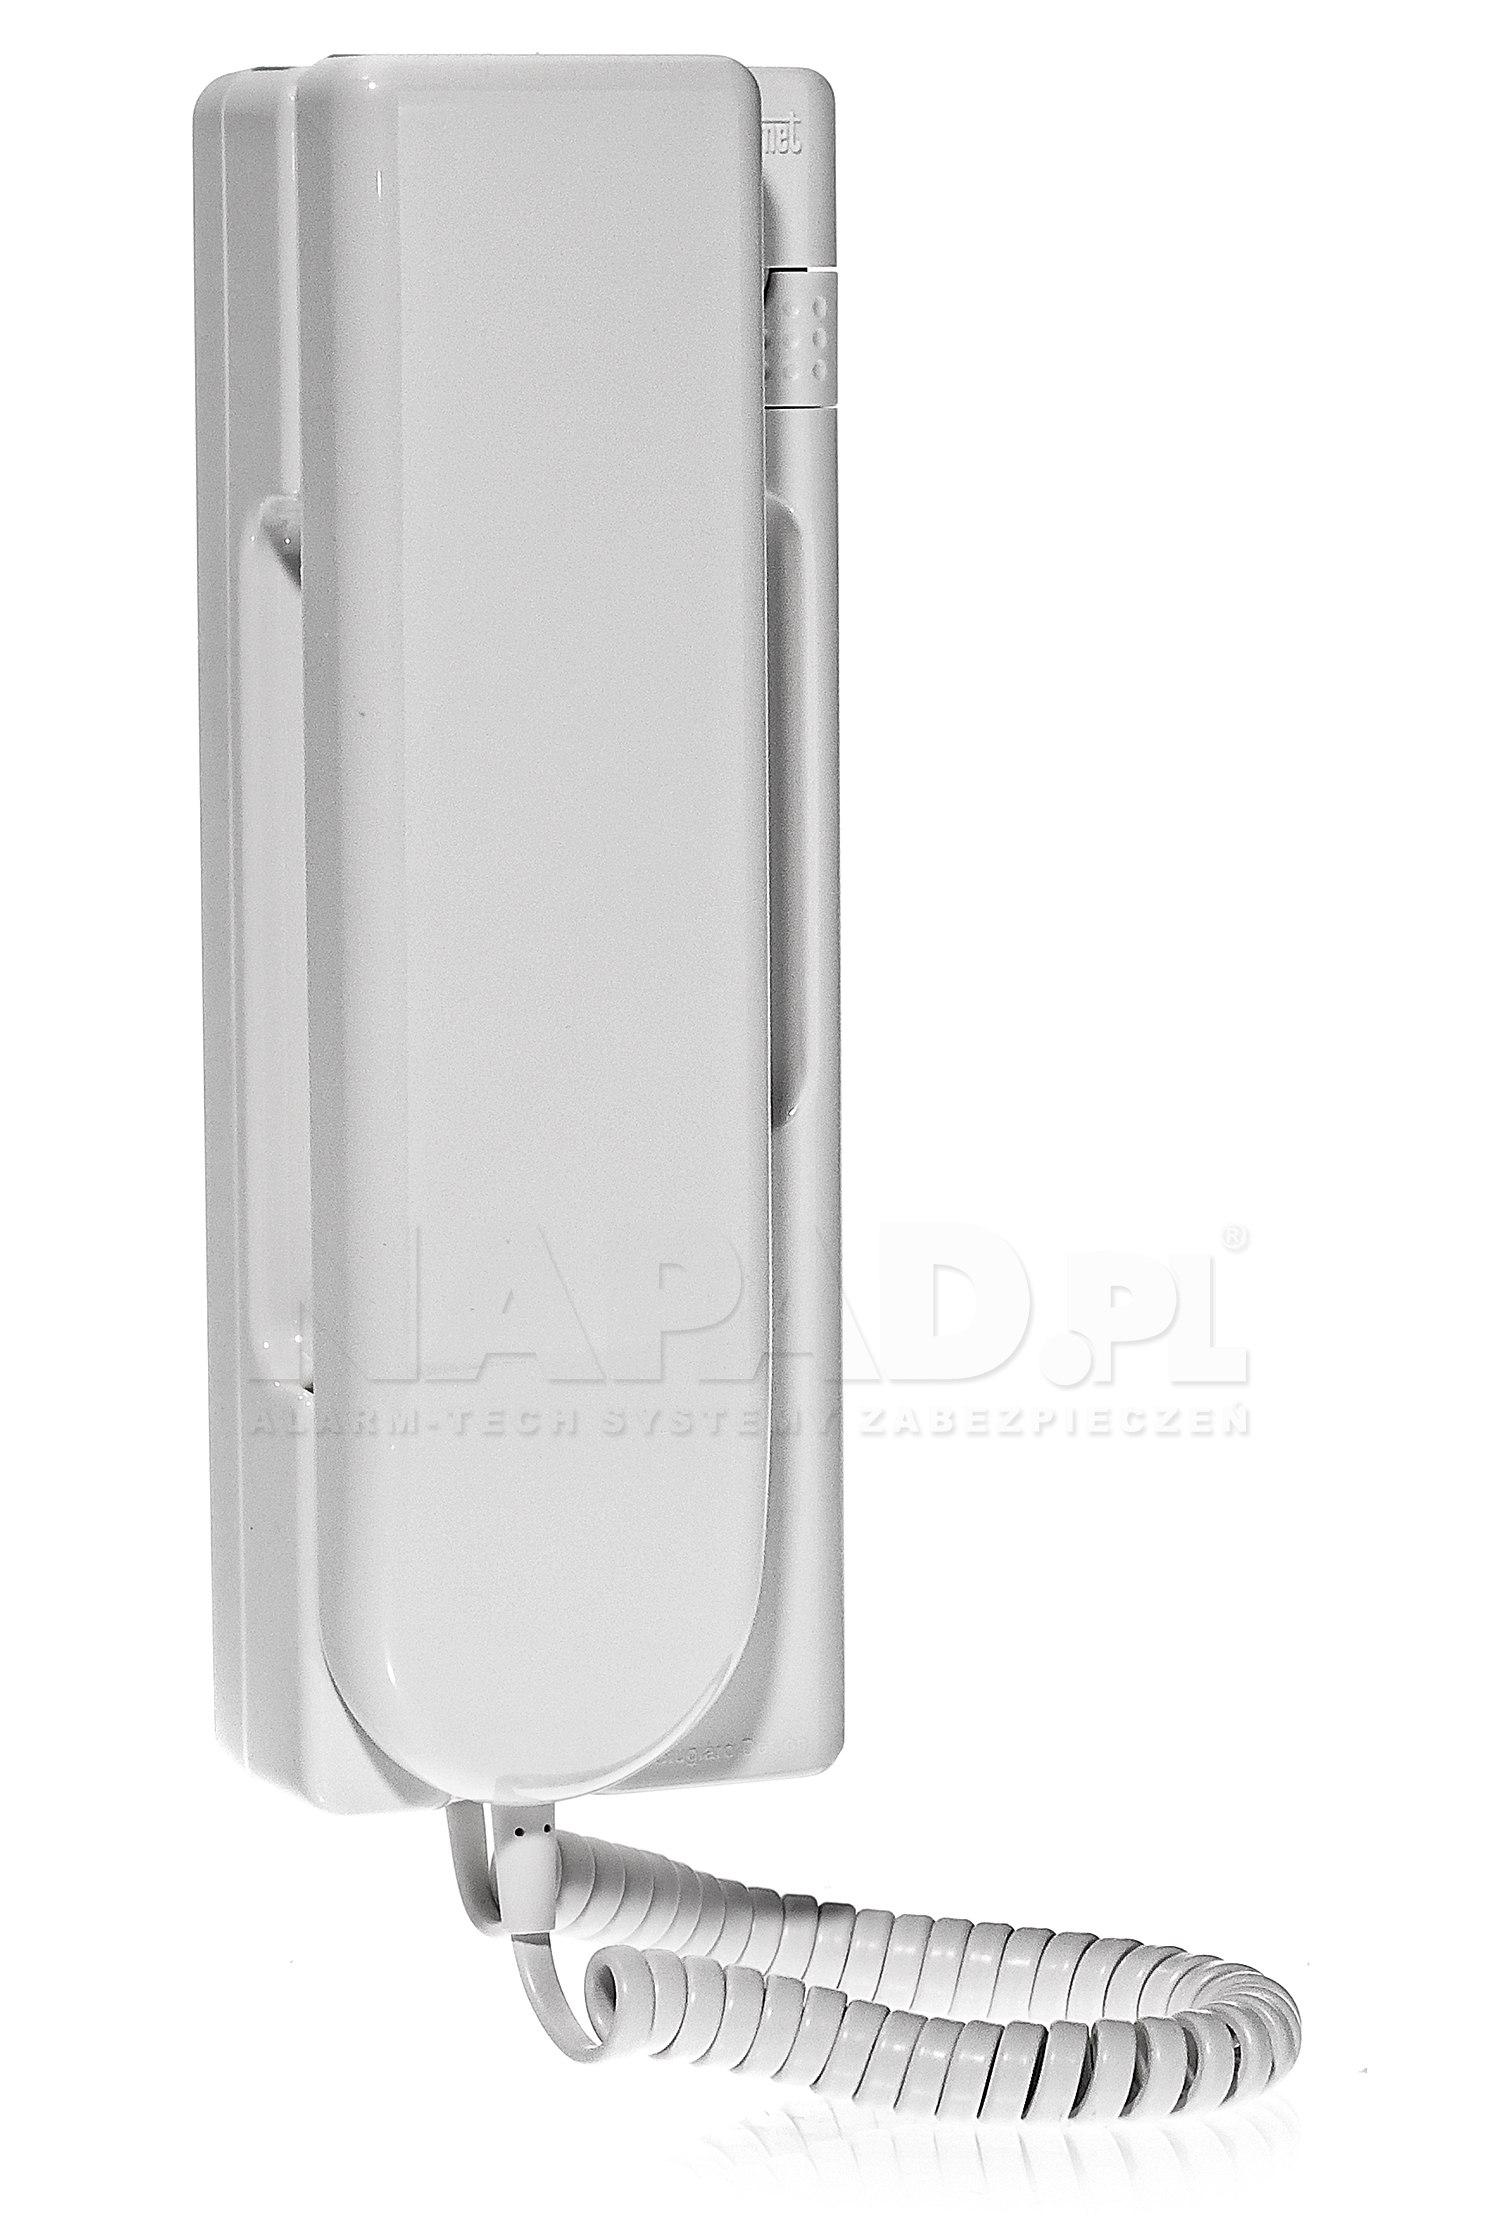 Unifon domofonowy 1131/CY-U